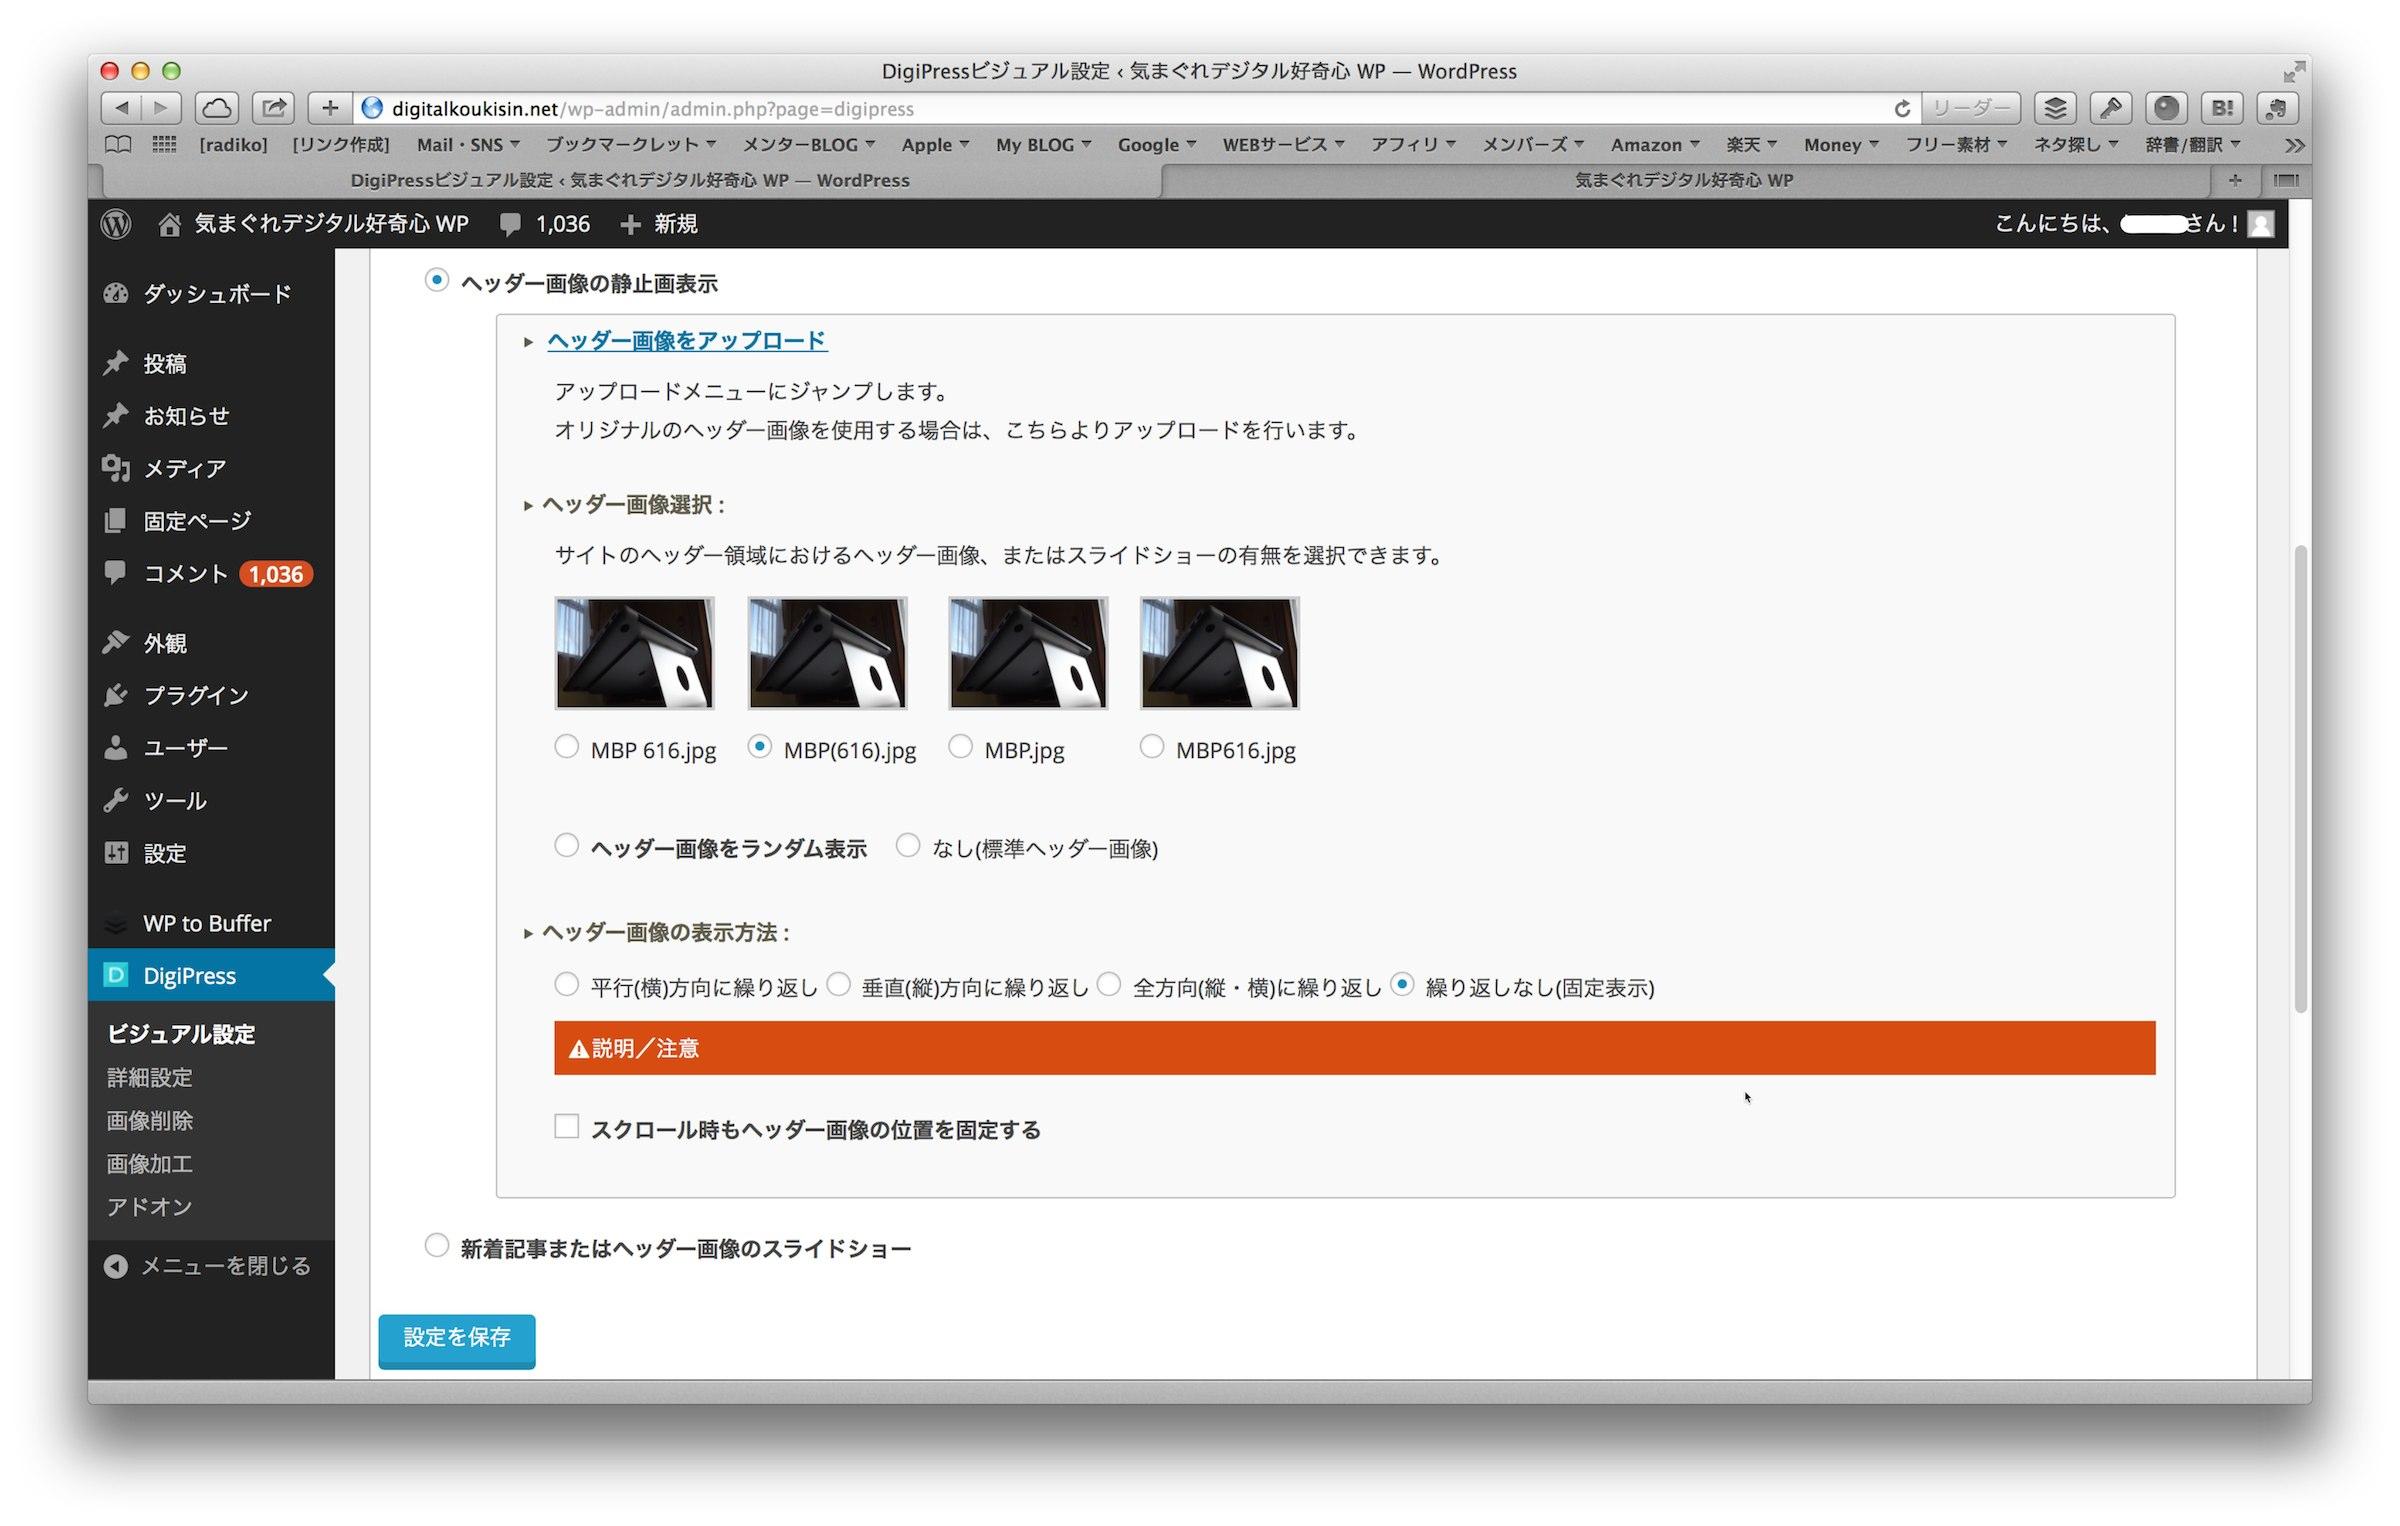 【el plano:006】TIPS:ヘッダー画像が表示できない場合は、ファイル名を確認しよう。